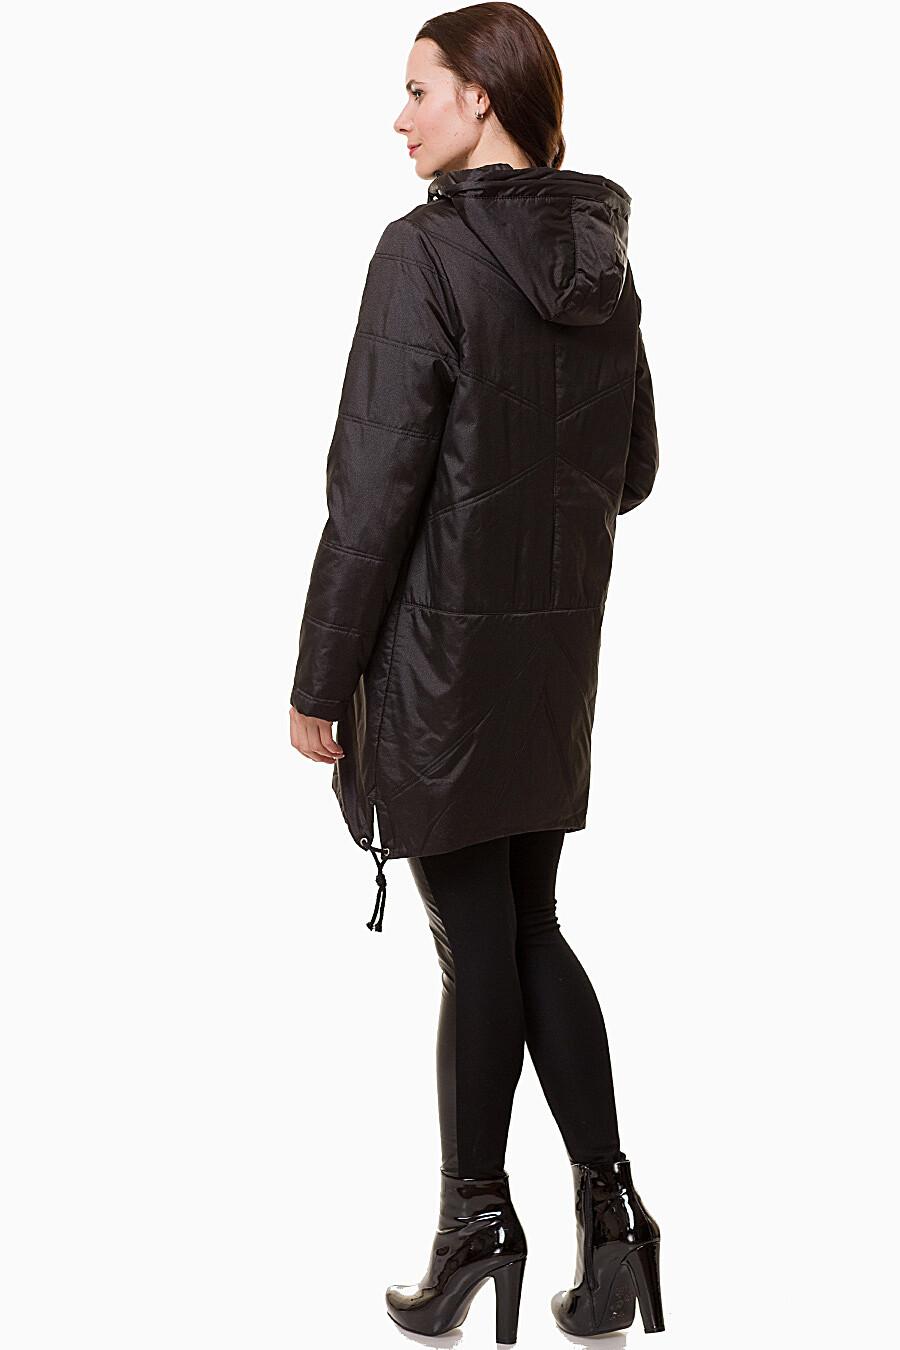 Плащ DIWAY (110886), купить в Moyo.moda